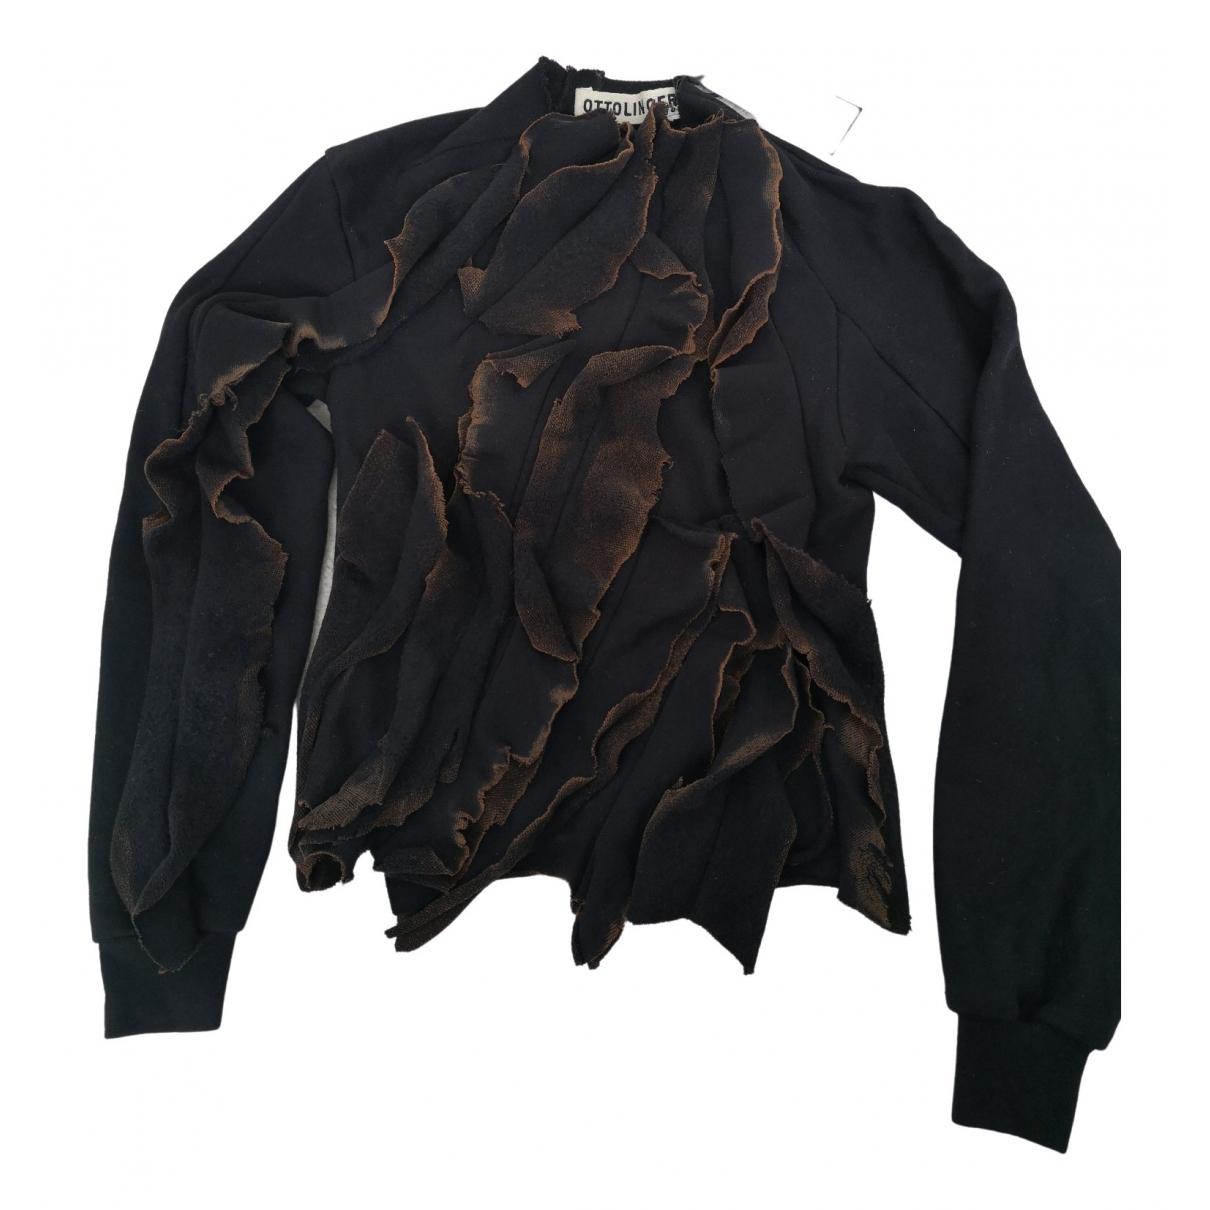 Ottolinger \N Black Cotton  top for Women 34 FR